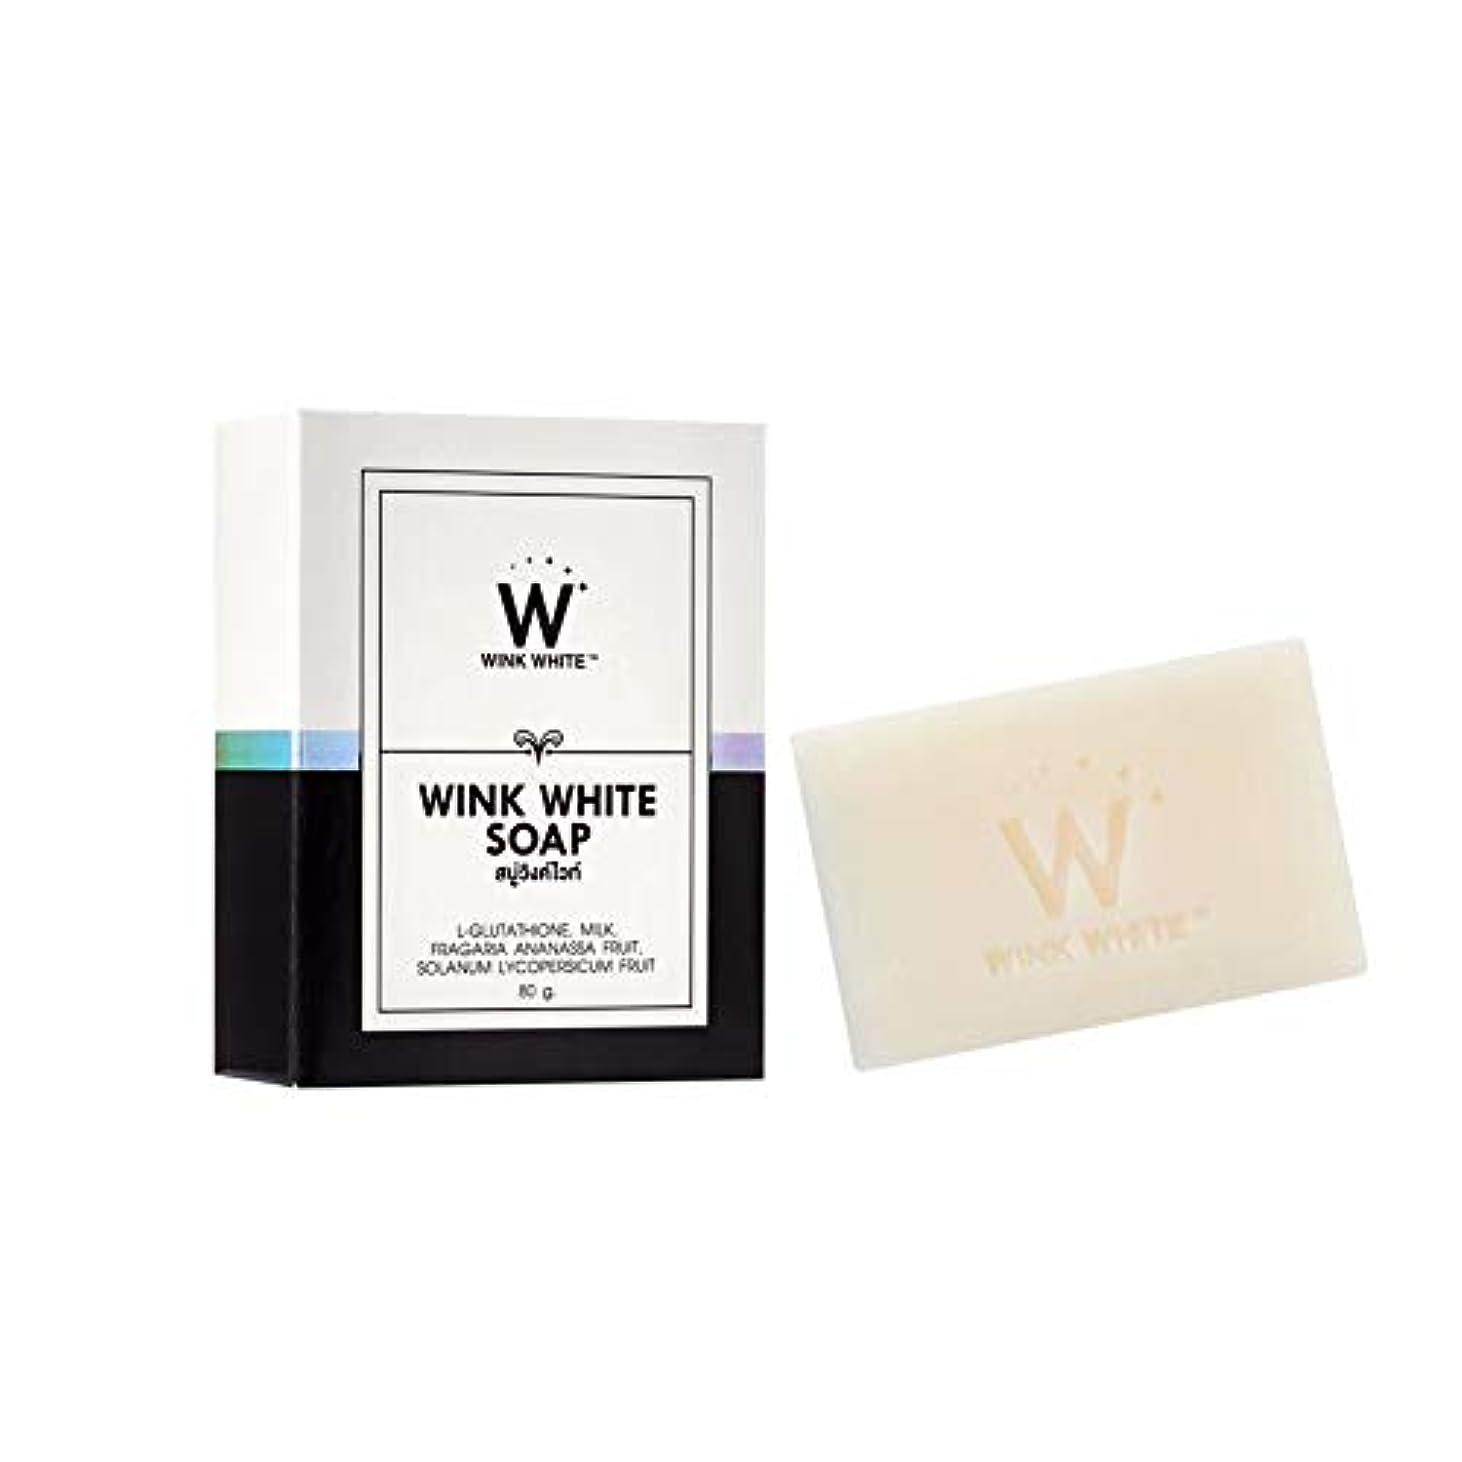 中性思い出ダメージSoap Net Nature White Soap Base Wink White Soap Gluta Pure Skin Body Whitening Strawberry for Whitening Skin All...